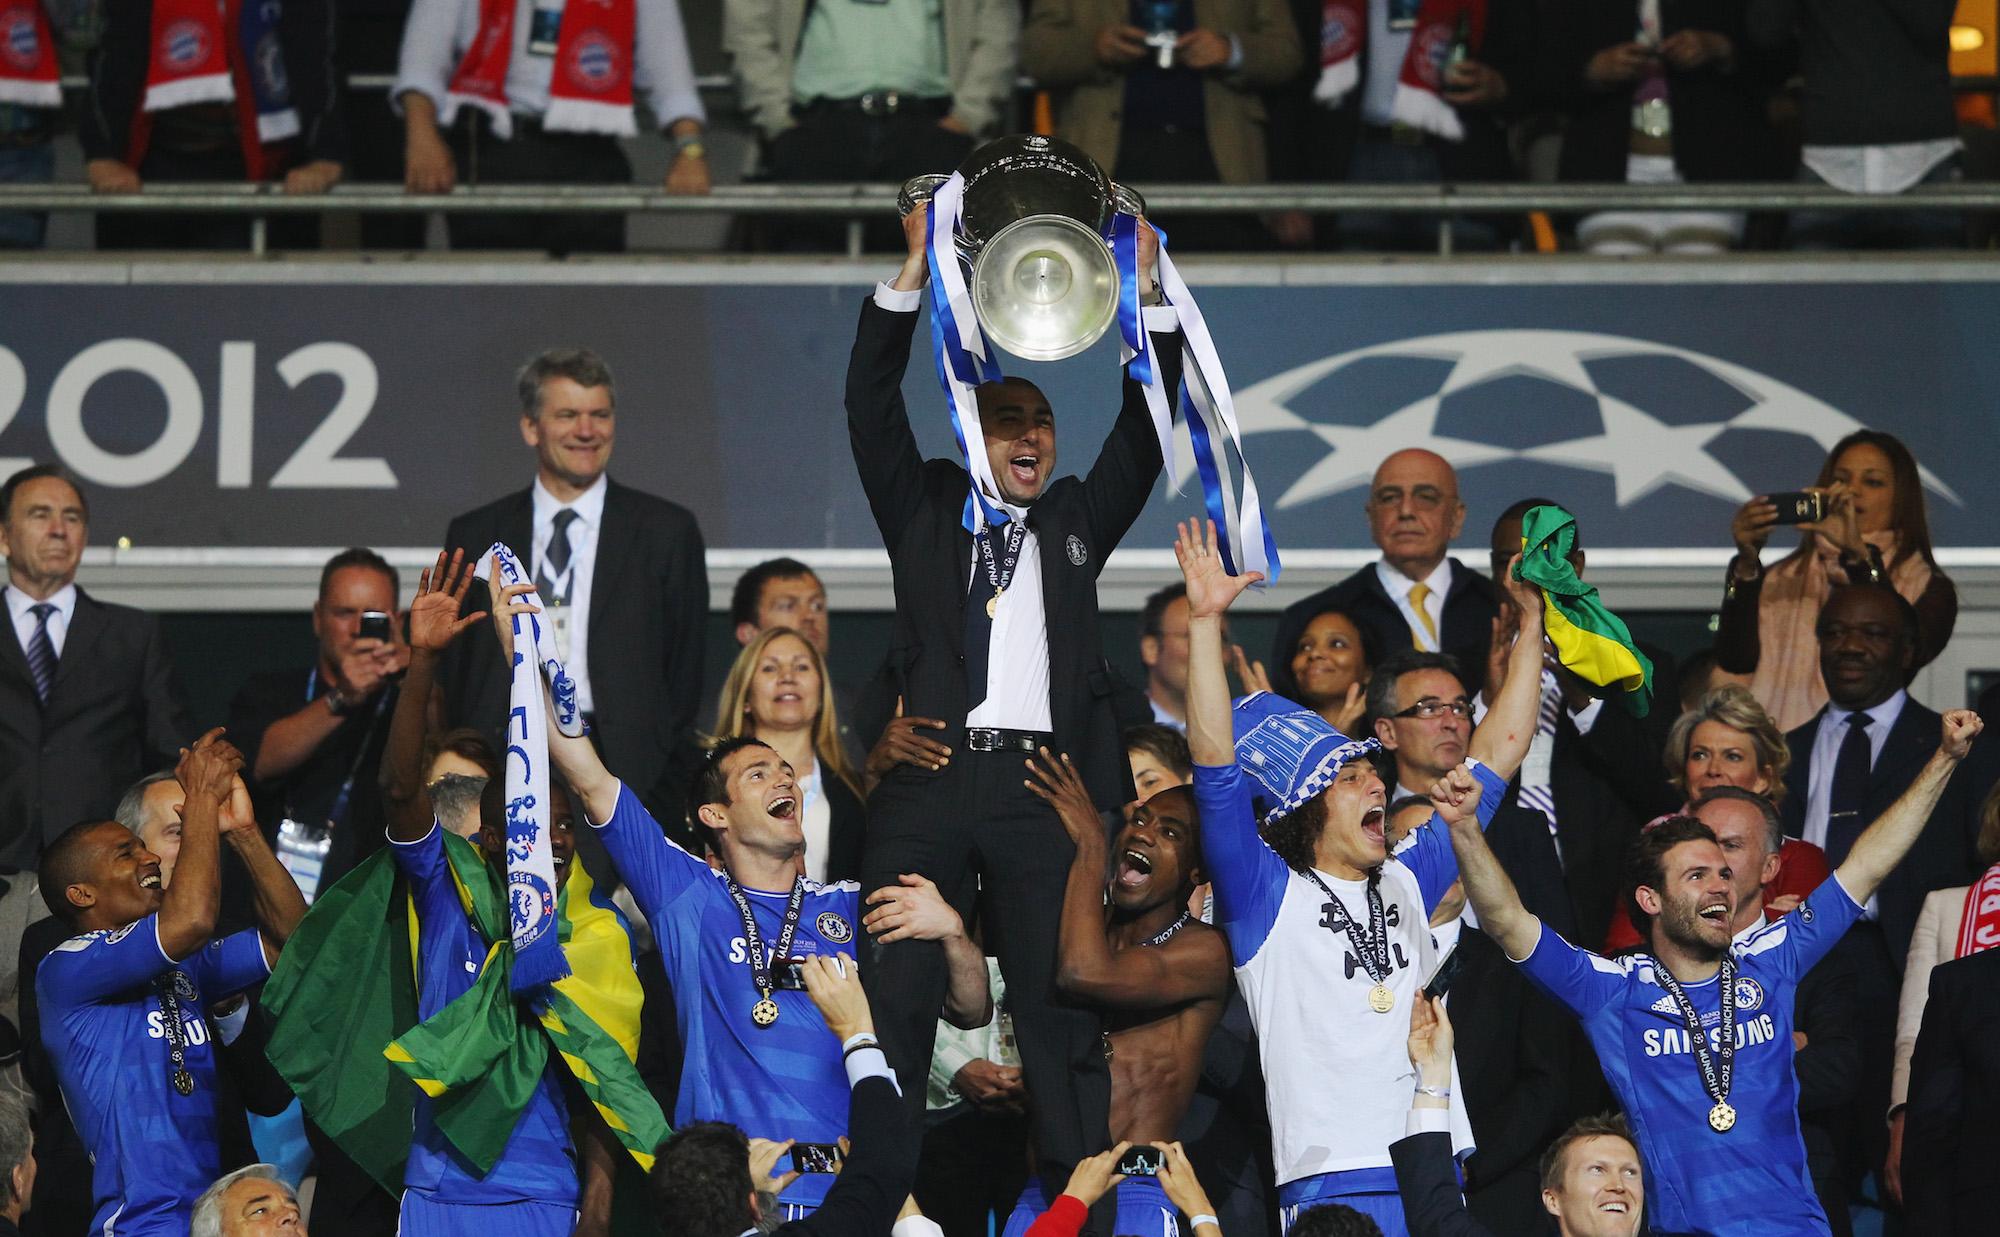 Roberto Di Matteo festeggia la Champions League 2011/12 vinta con il Chelsea